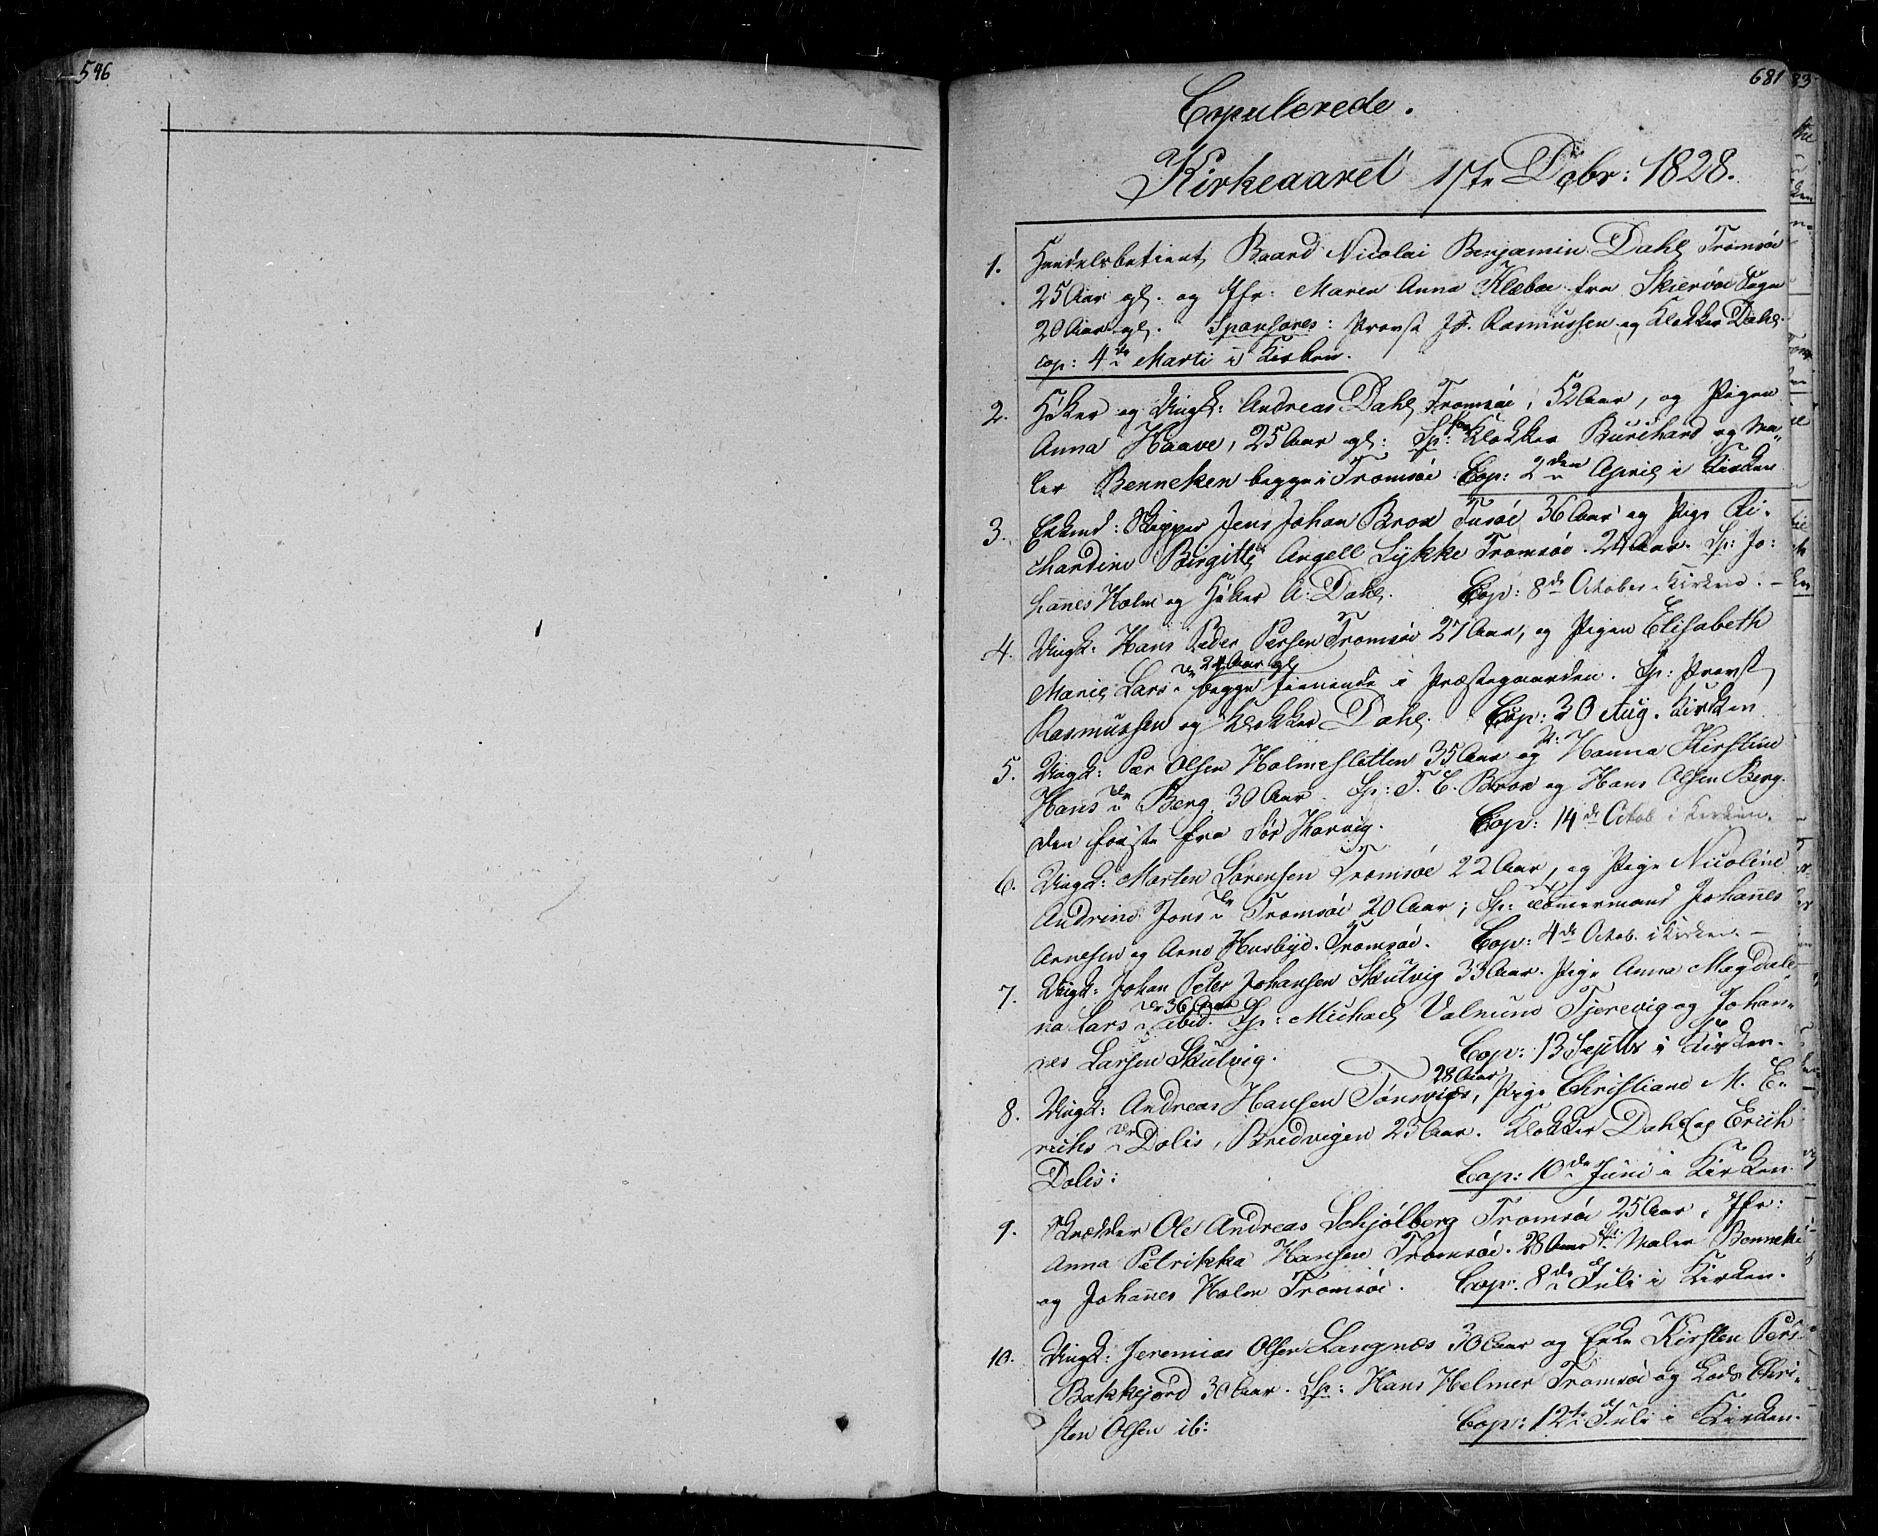 SATØ, Tromsø sokneprestkontor/stiftsprosti/domprosti, G/Ga/L0008kirke: Ministerialbok nr. 8, 1829-1837, s. 681